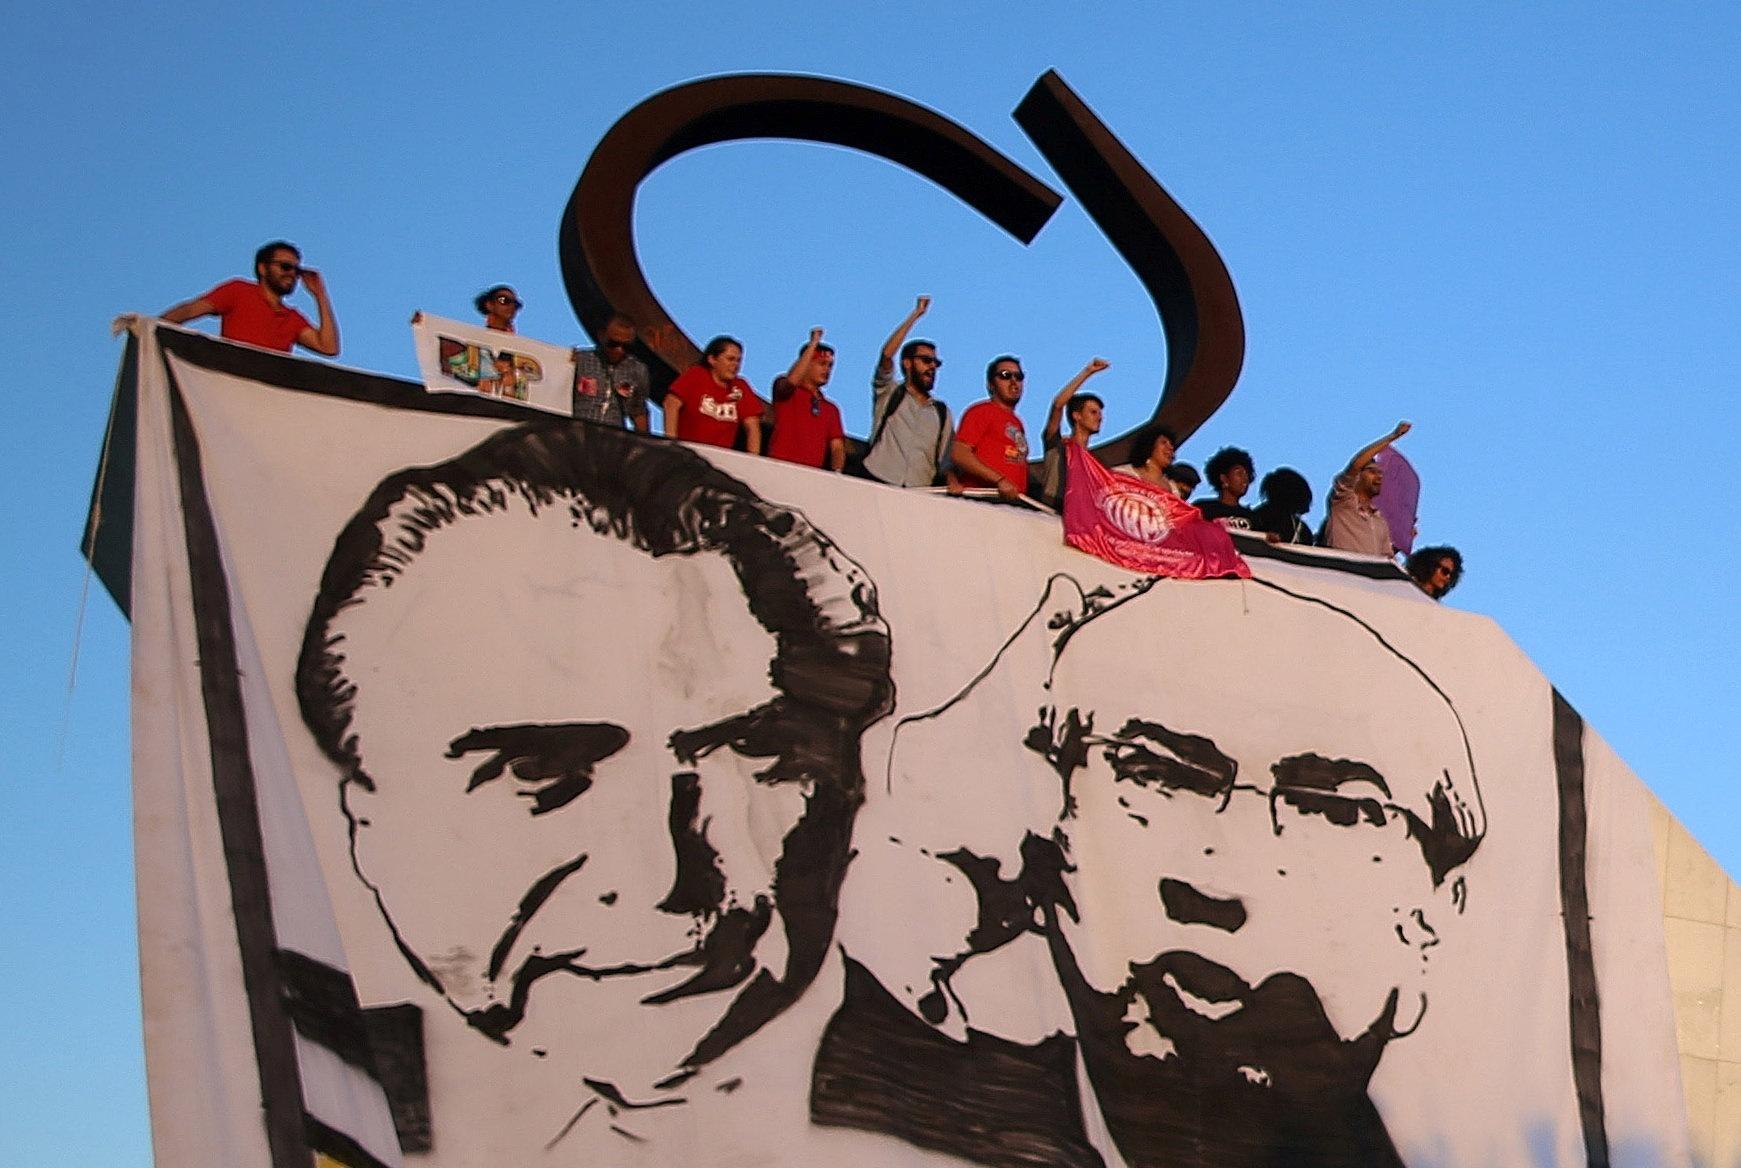 5.mai.2016 - Manifestantes comemoram decisão unânime dos ministros do STF (Supremo Tribunal Federal) de afastar o deputado federal Eduardo Cunha (PMDB-RJ) do seu mandato e da Presidência da Câmara dos Deputados, em frente à sede do STF, em Brasília